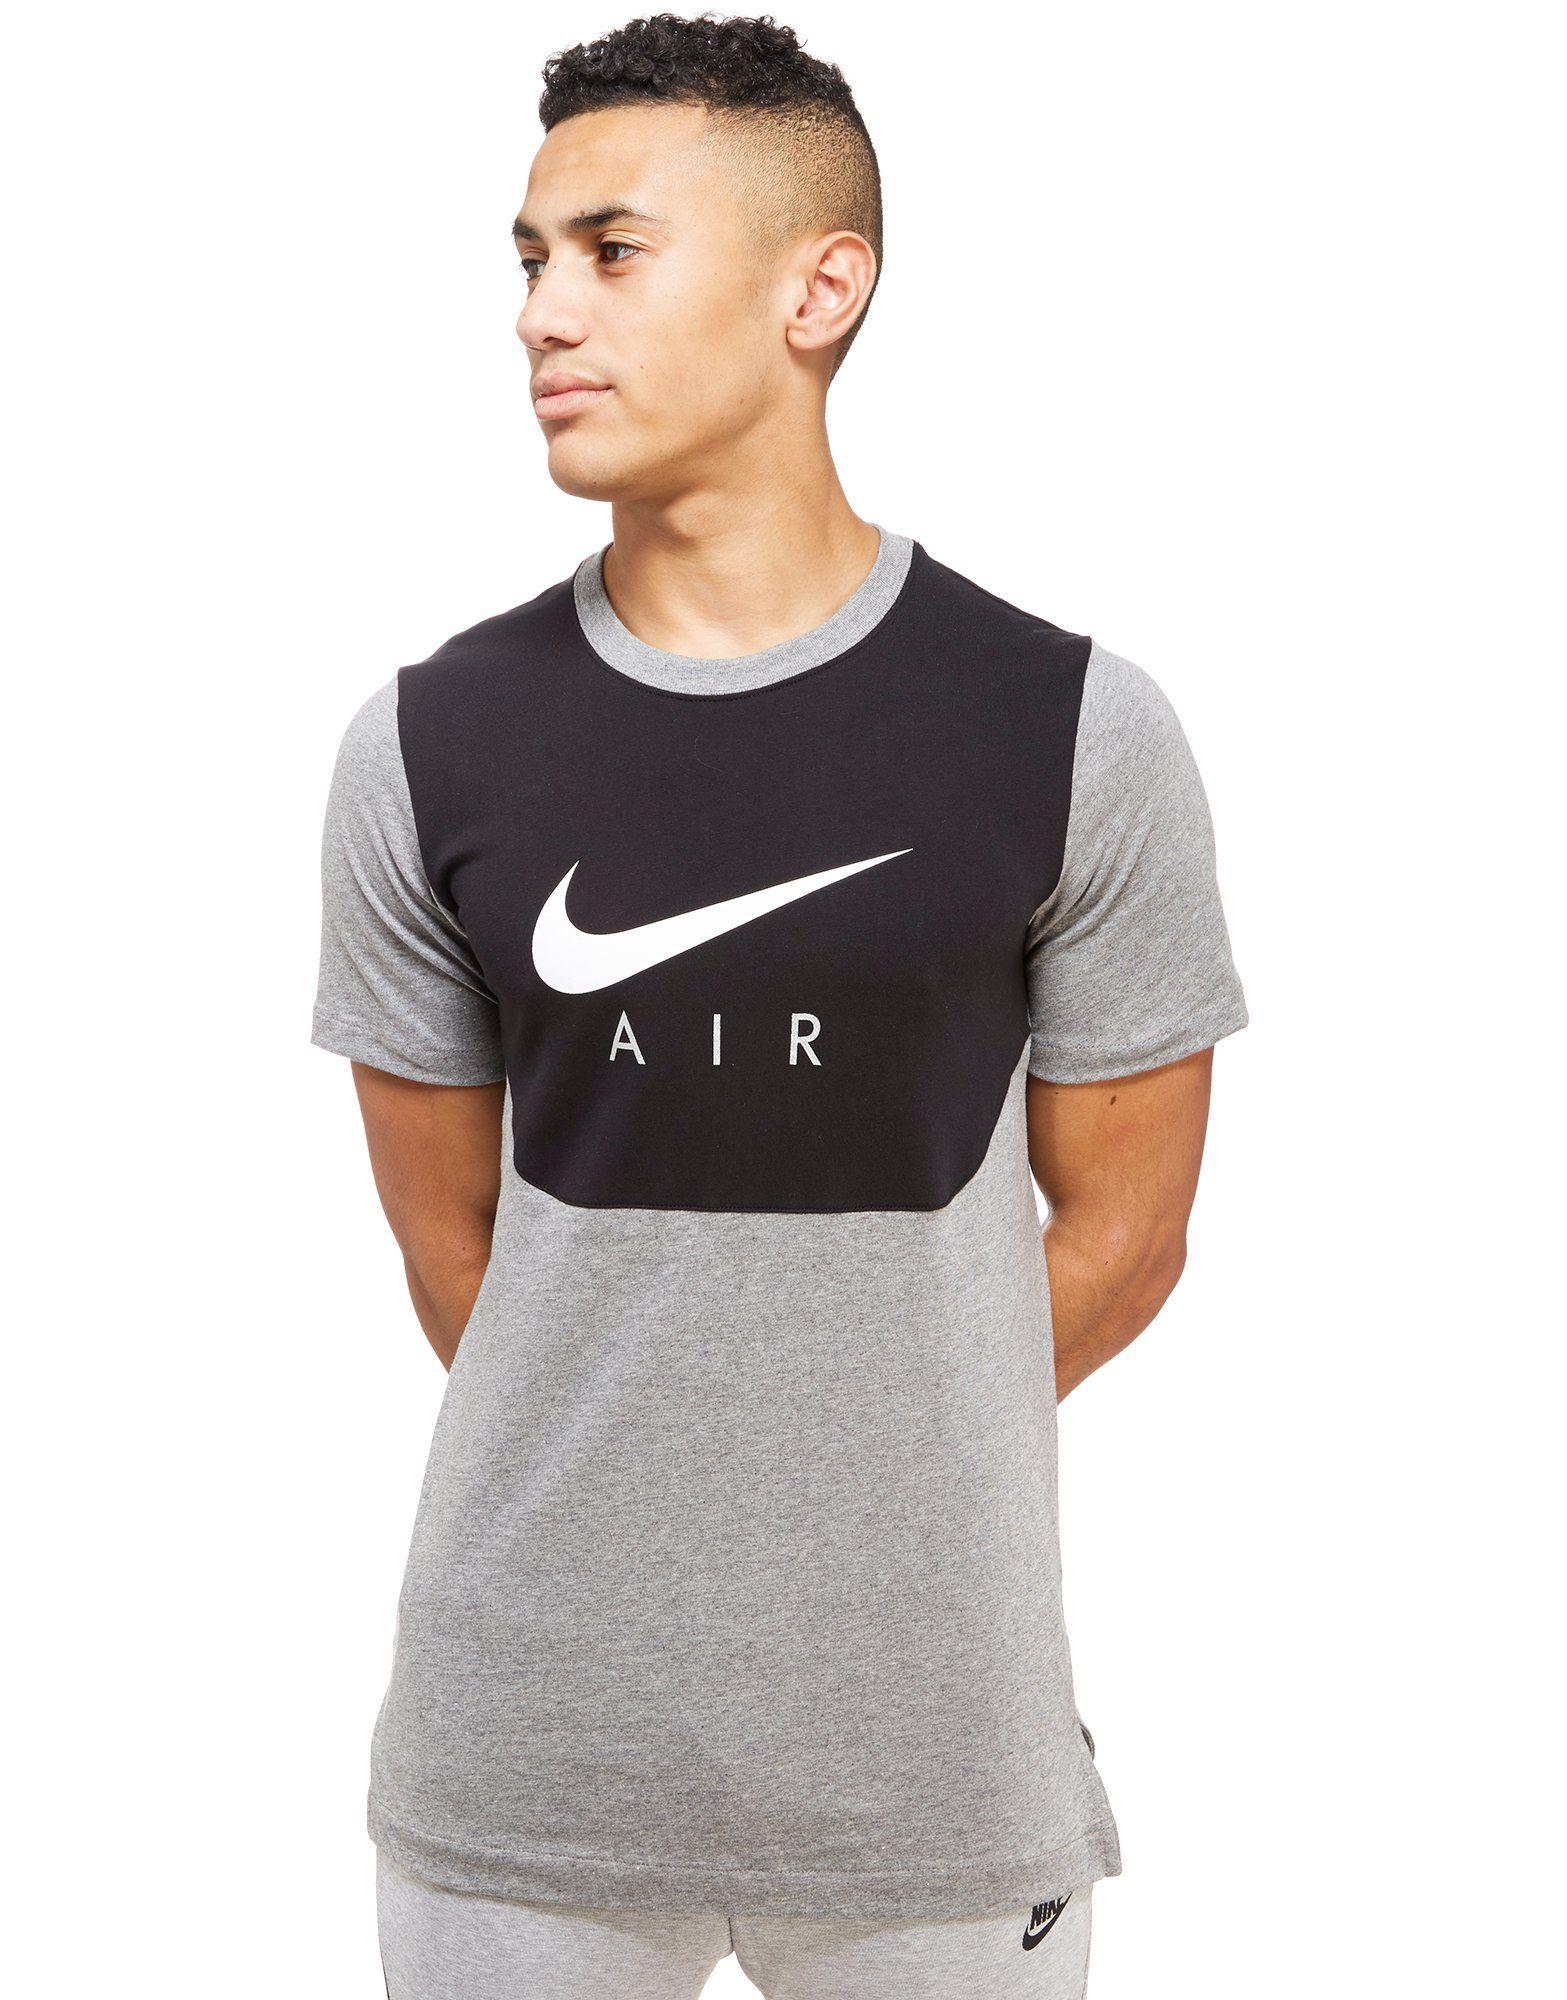 Camiseta Air